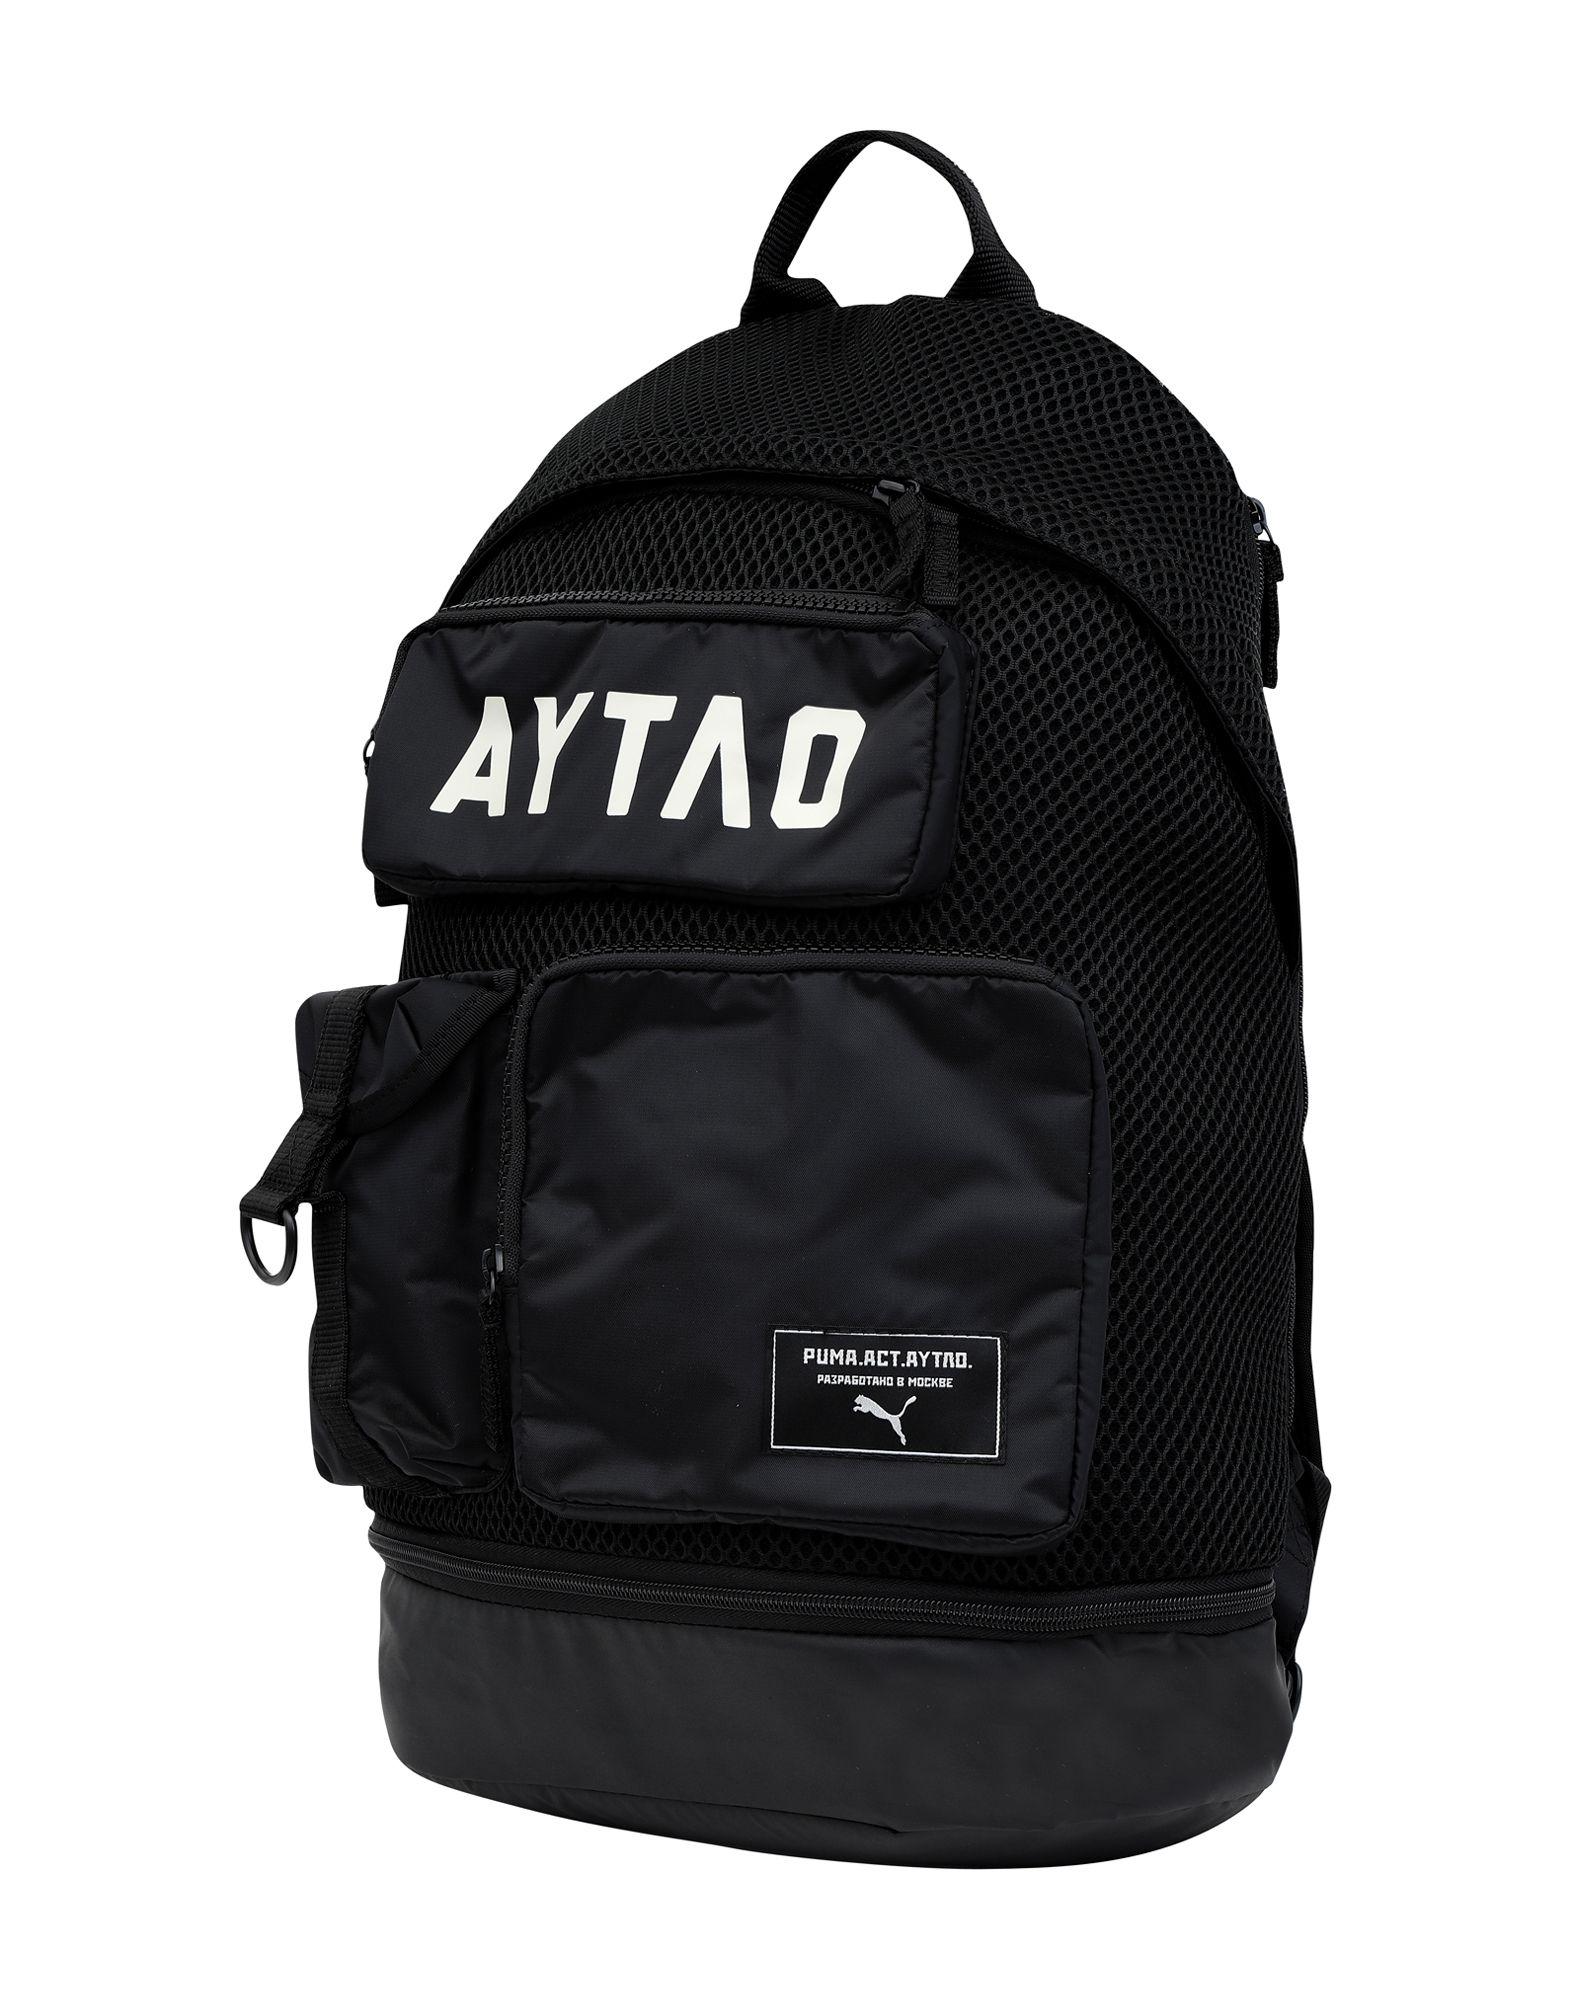 PUMA x OUTLAW MOSCOW Рюкзаки и сумки на пояс web камера a4 pk 836f черный и серебристый [pk 836f black ]